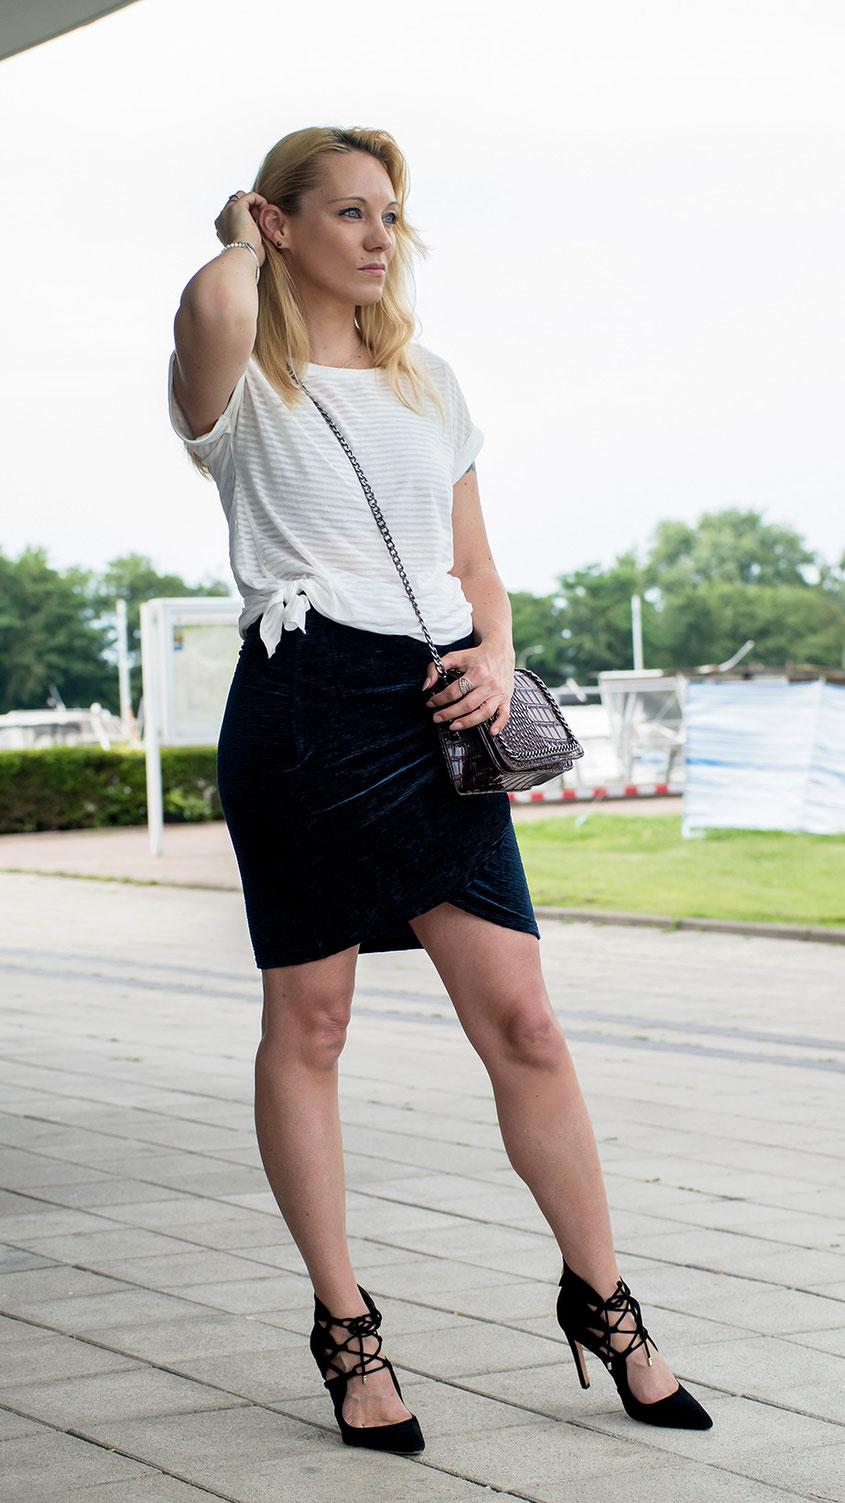 Heute möchte ich Euch wieder einmal einen richtig coolen Style Trend ans Herz legen, den Ihr mit Sicherheit noch nicht auf dem Schirm hattet: Geknotete Oberteile | Hot Port Life & Style | 30+ Modeblog